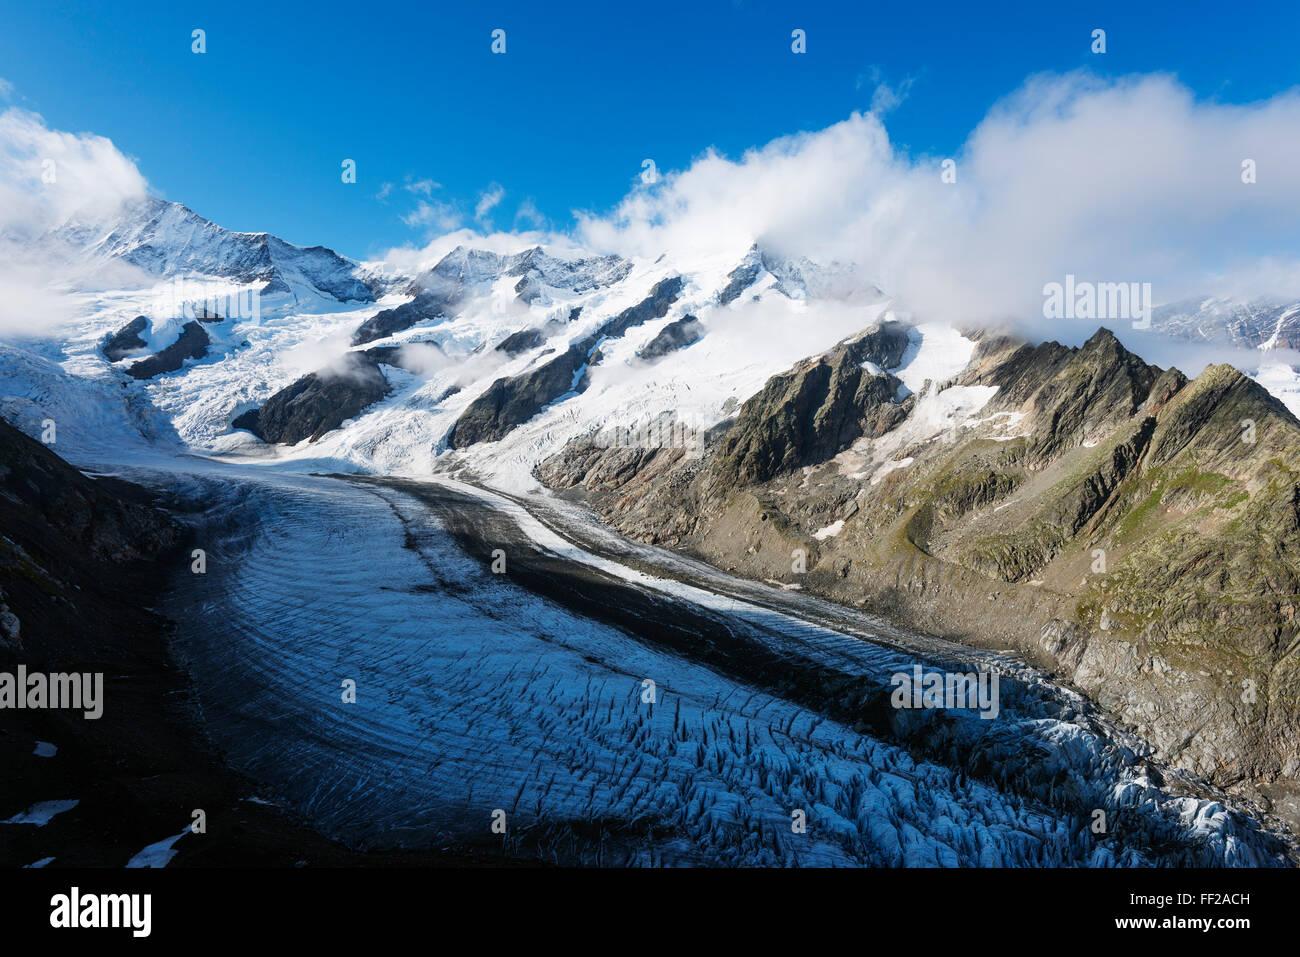 Gletscher Gletscher oberhalb Grindelwald, Interlaken, Berner Oberland, Schweiz, Europa Stockbild